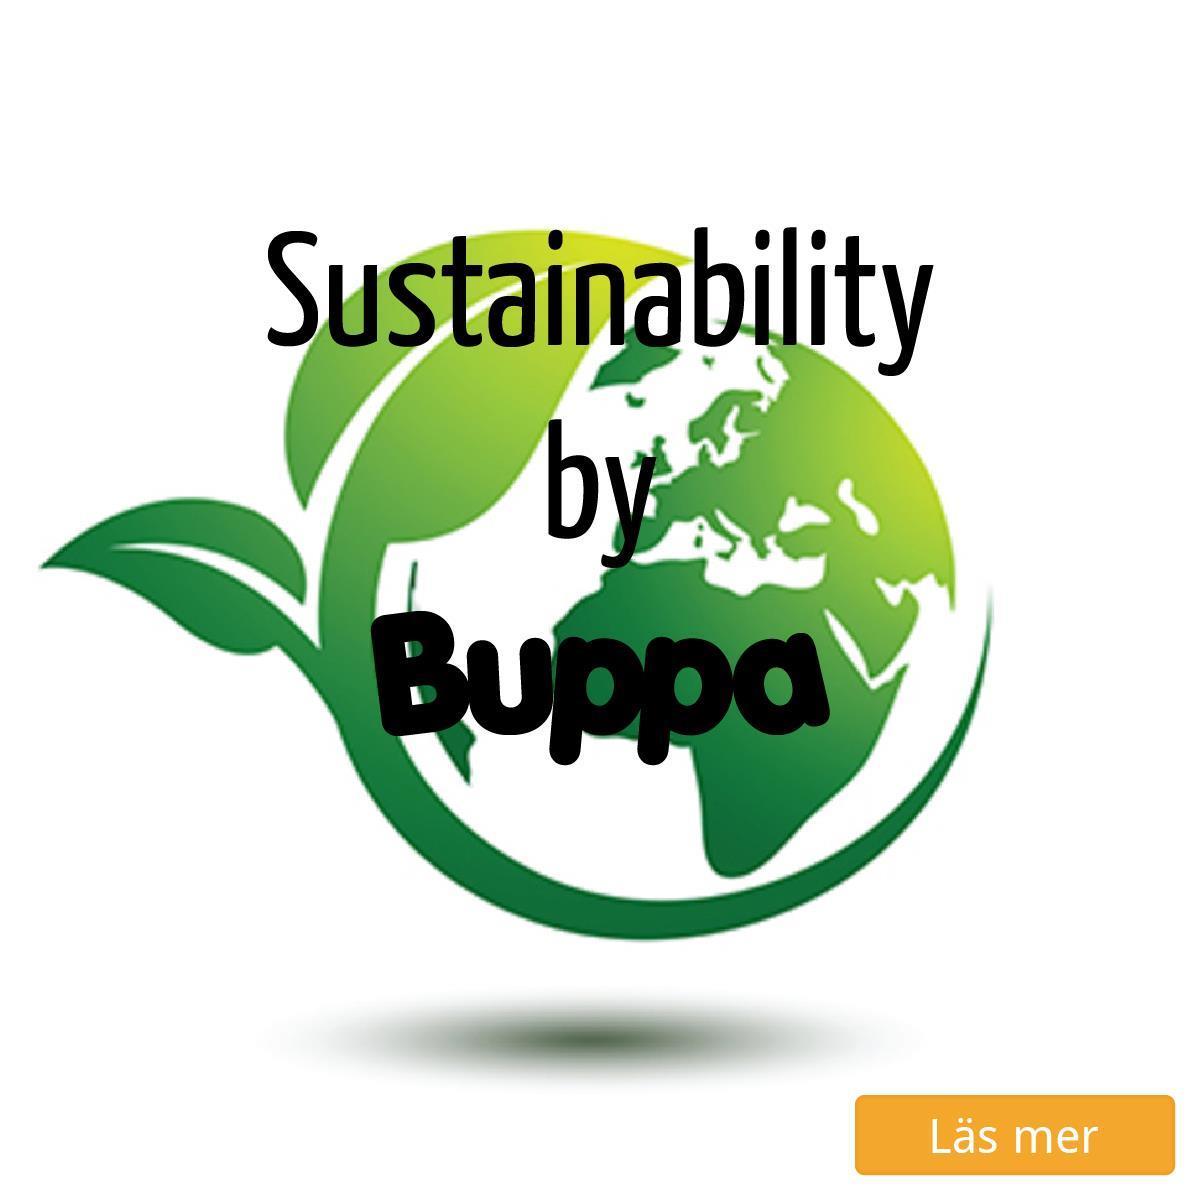 Hur Buppa arbetar med hållbarhet